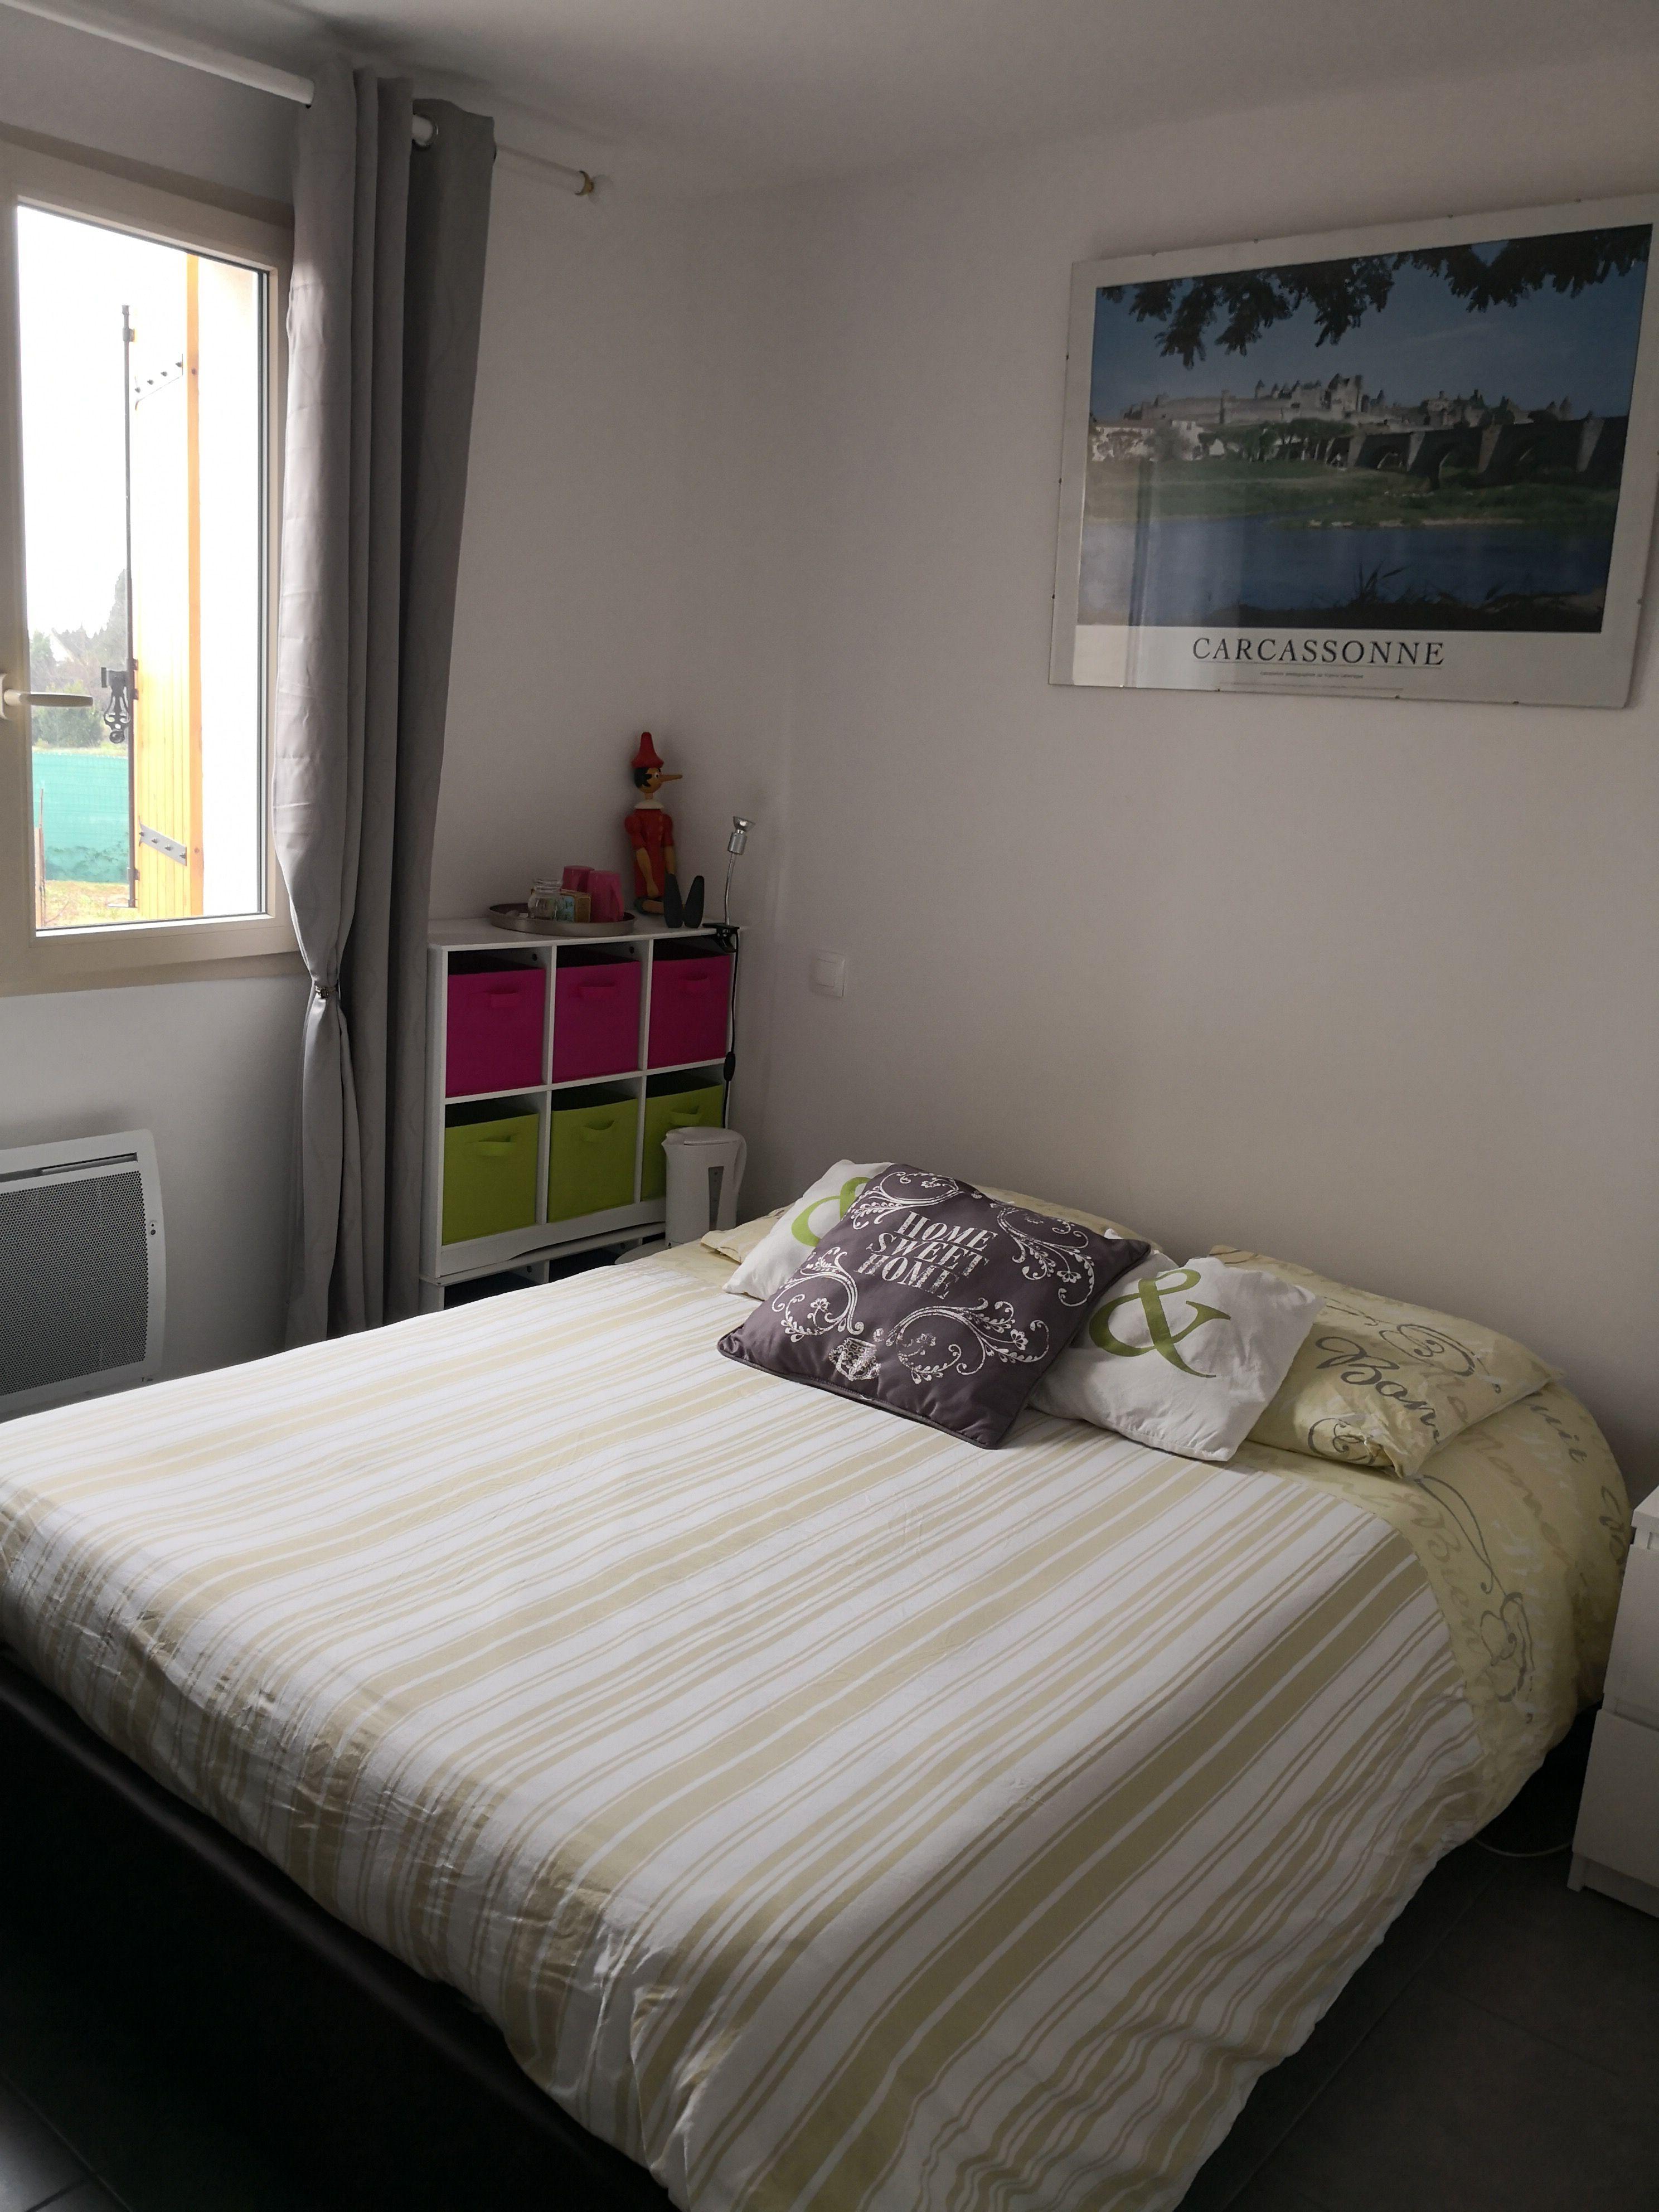 Colocation   & Location Chambre à louer   | Loue chambre meublée   | Logement